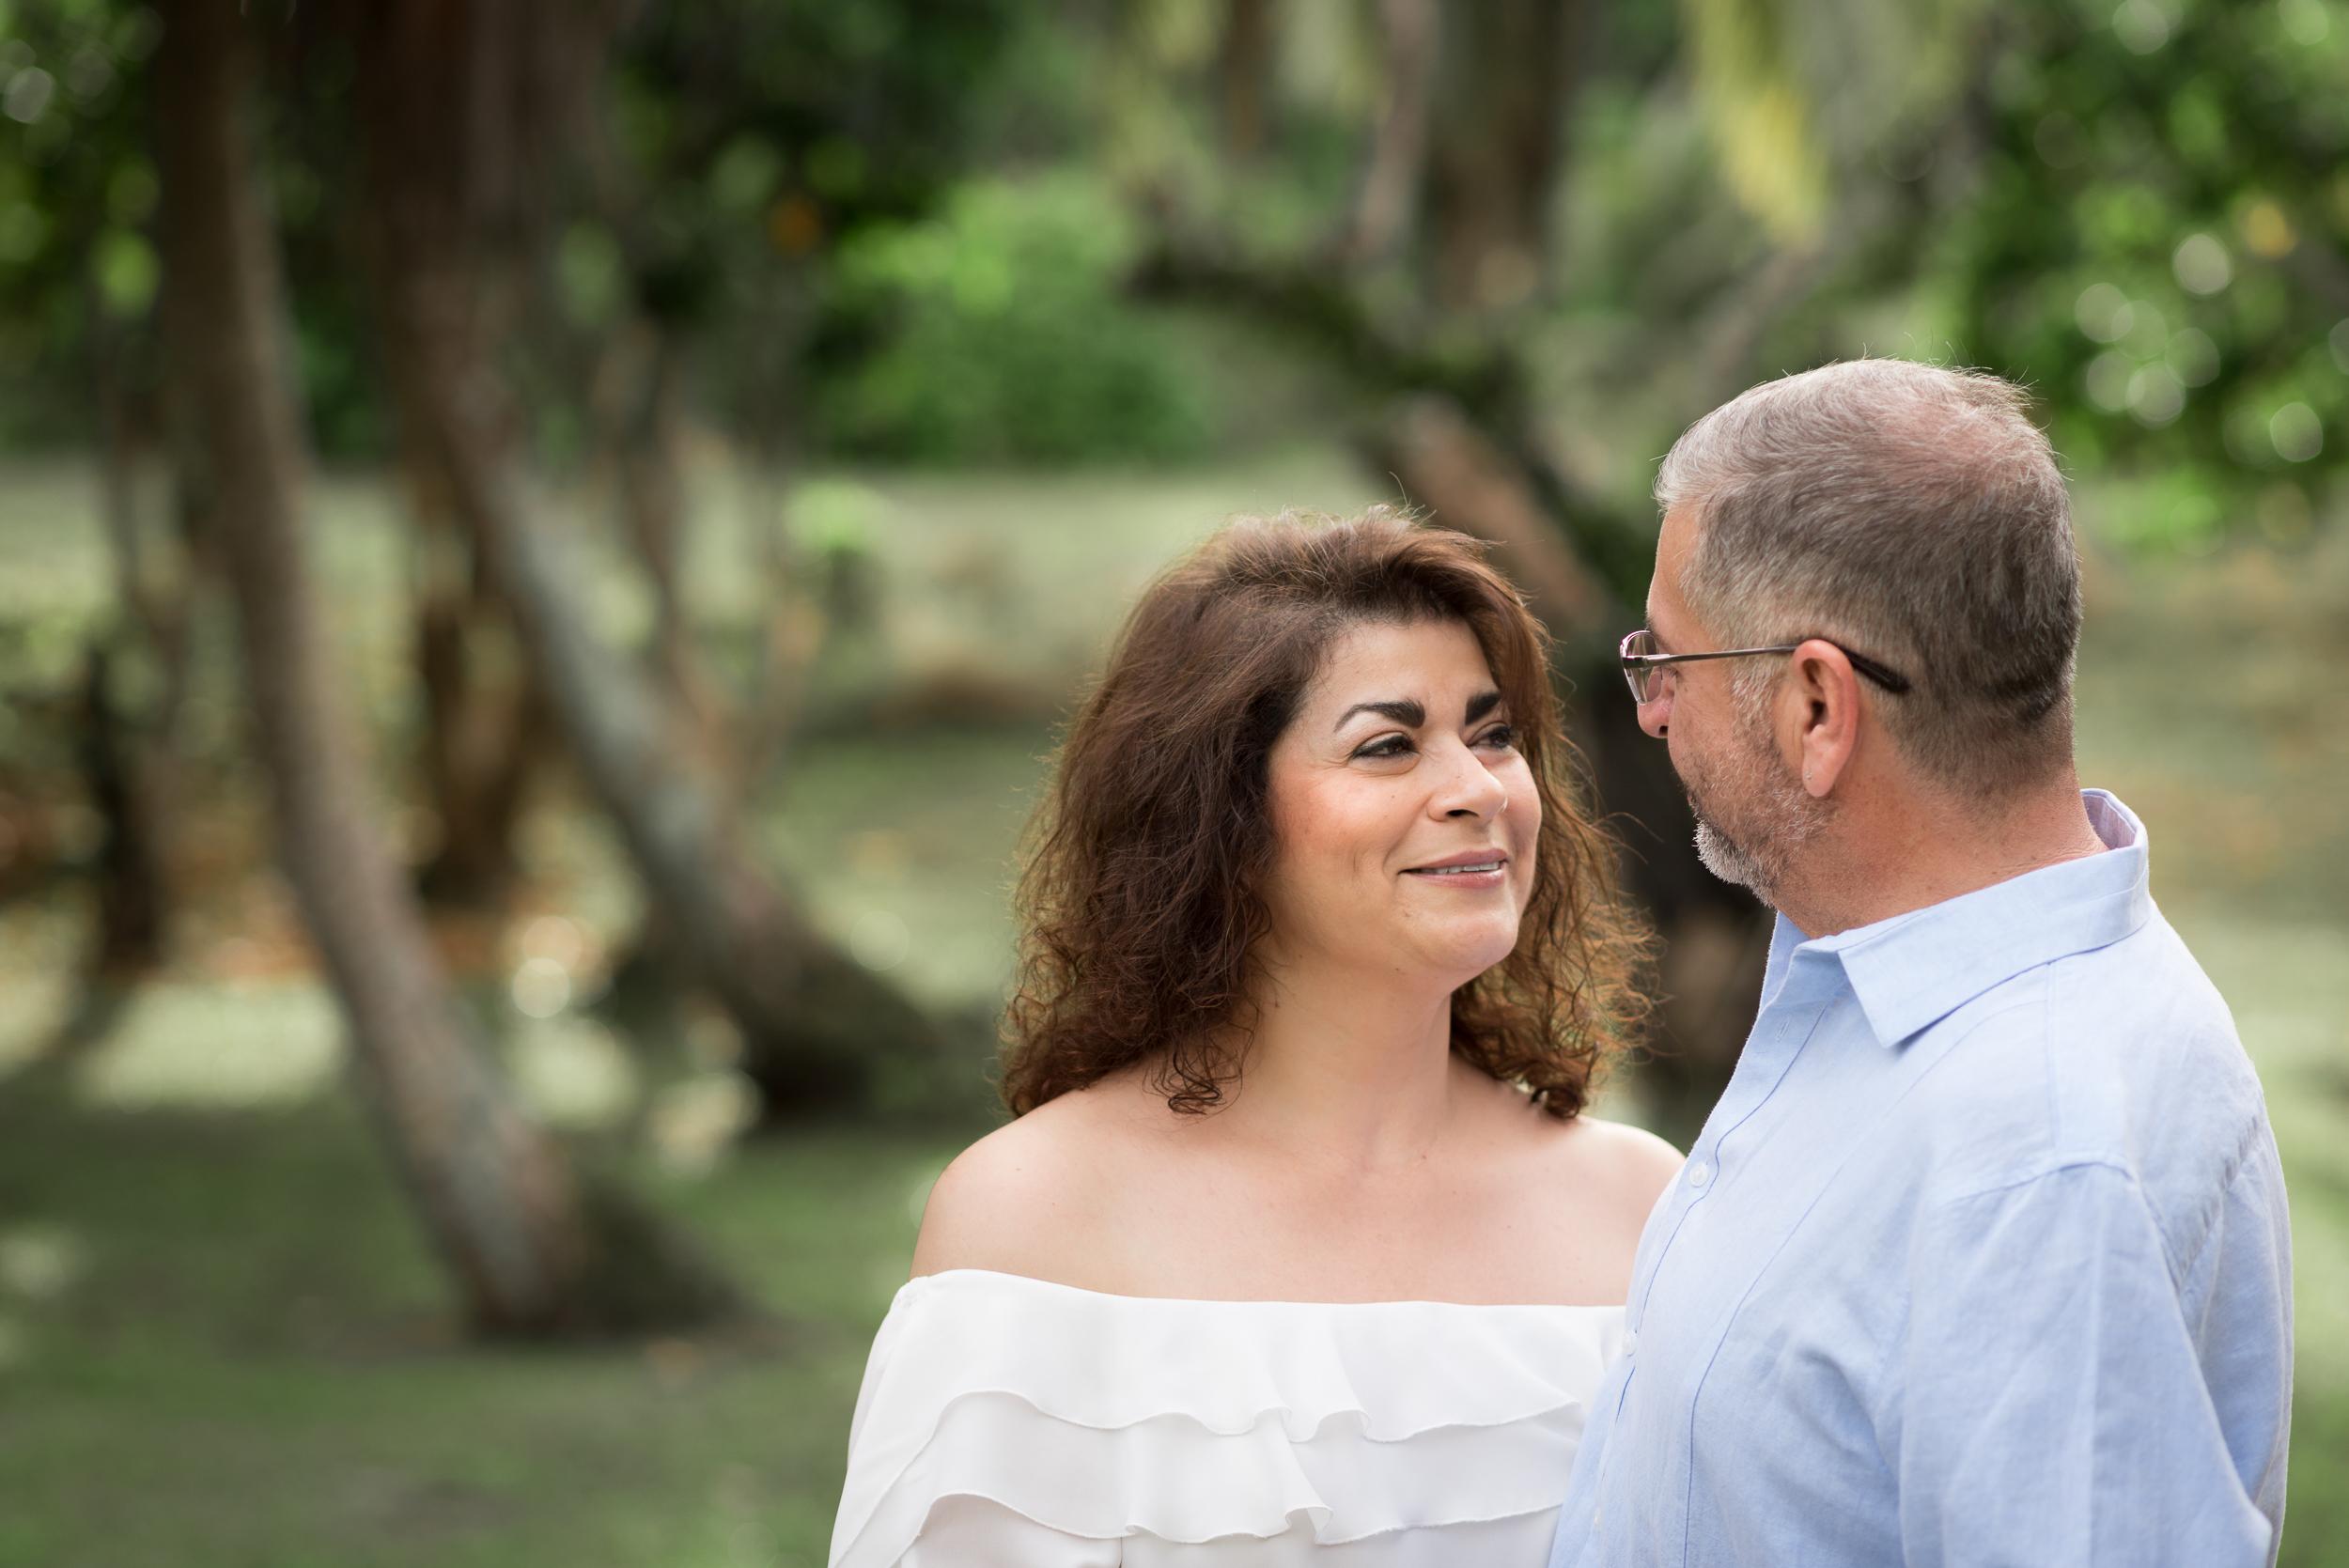 CouplesSessionTaragueGuamPhotographer-ROXANNEAUGUSTA.jpg